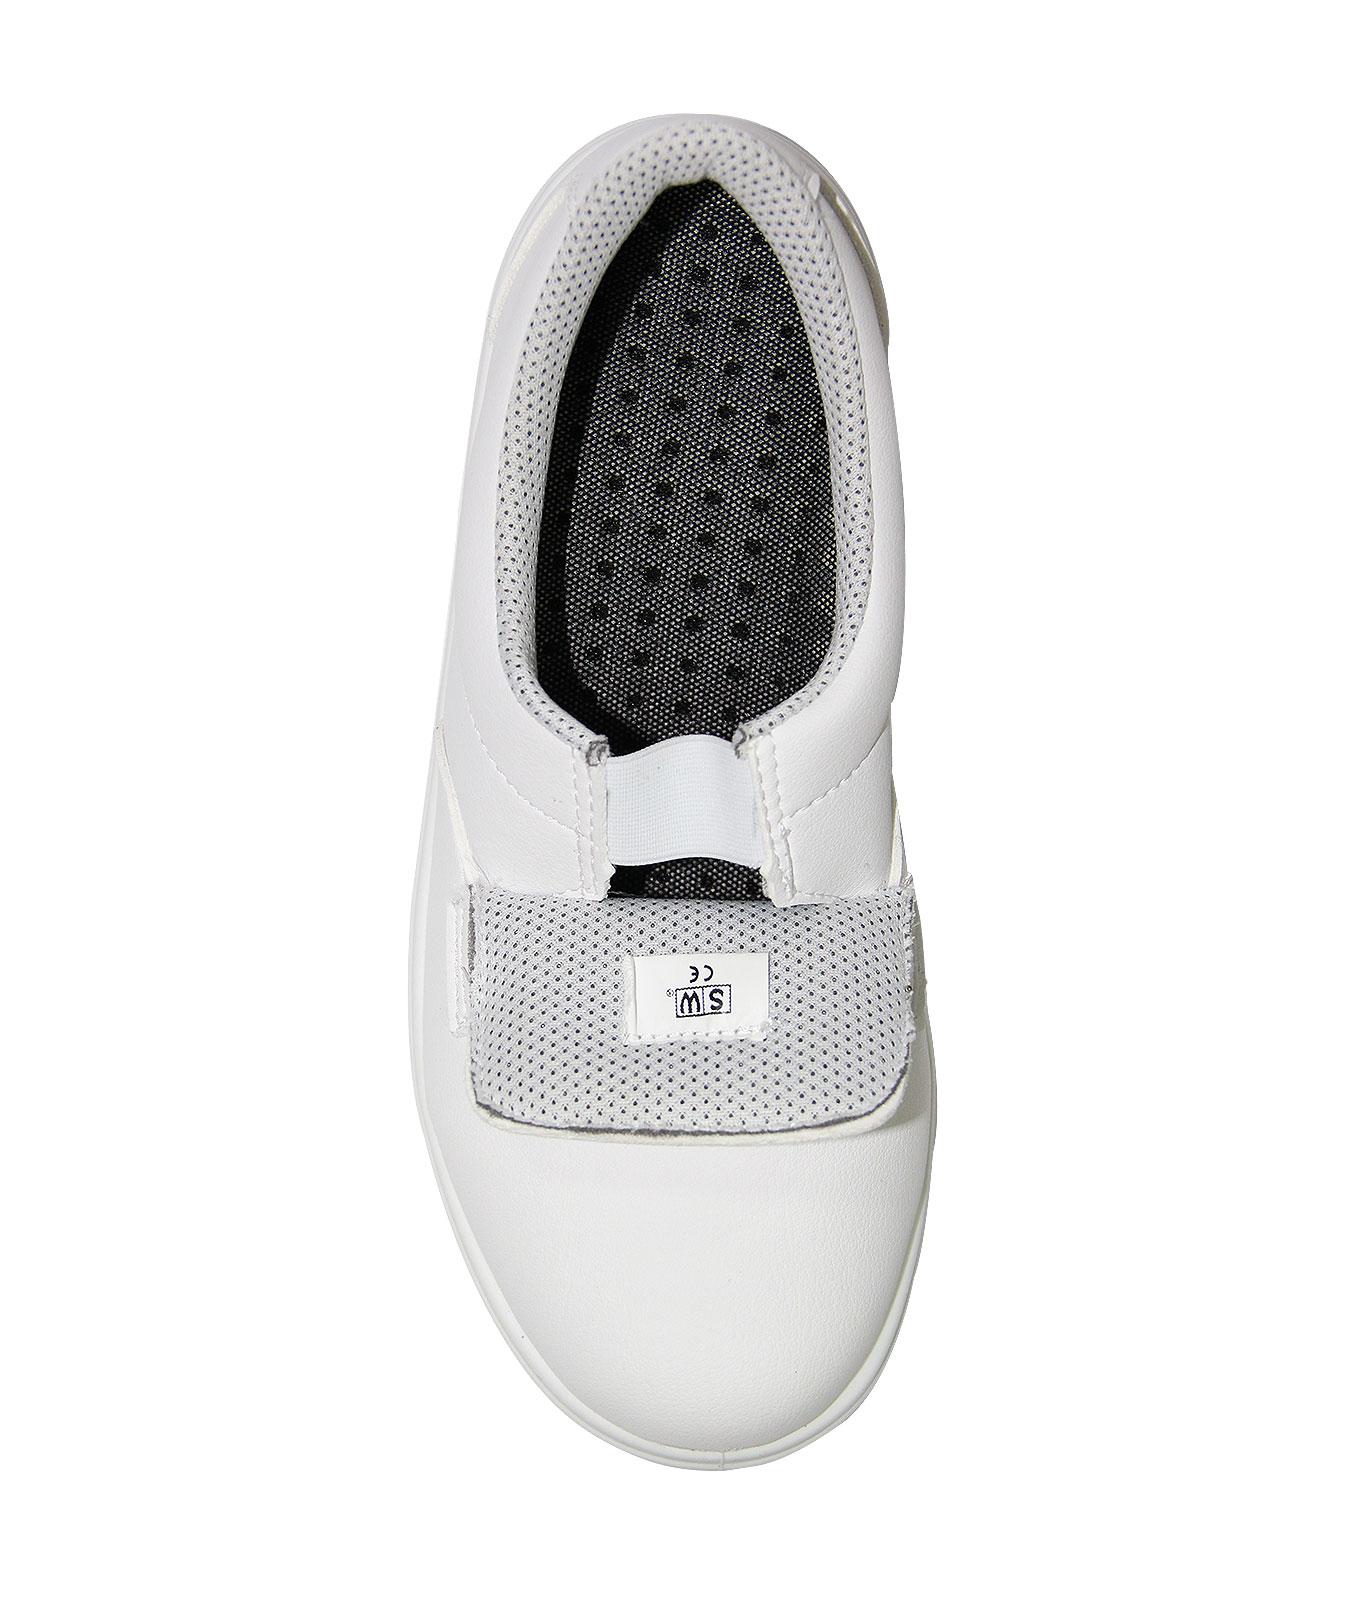 Λευκά παπούτσια 4